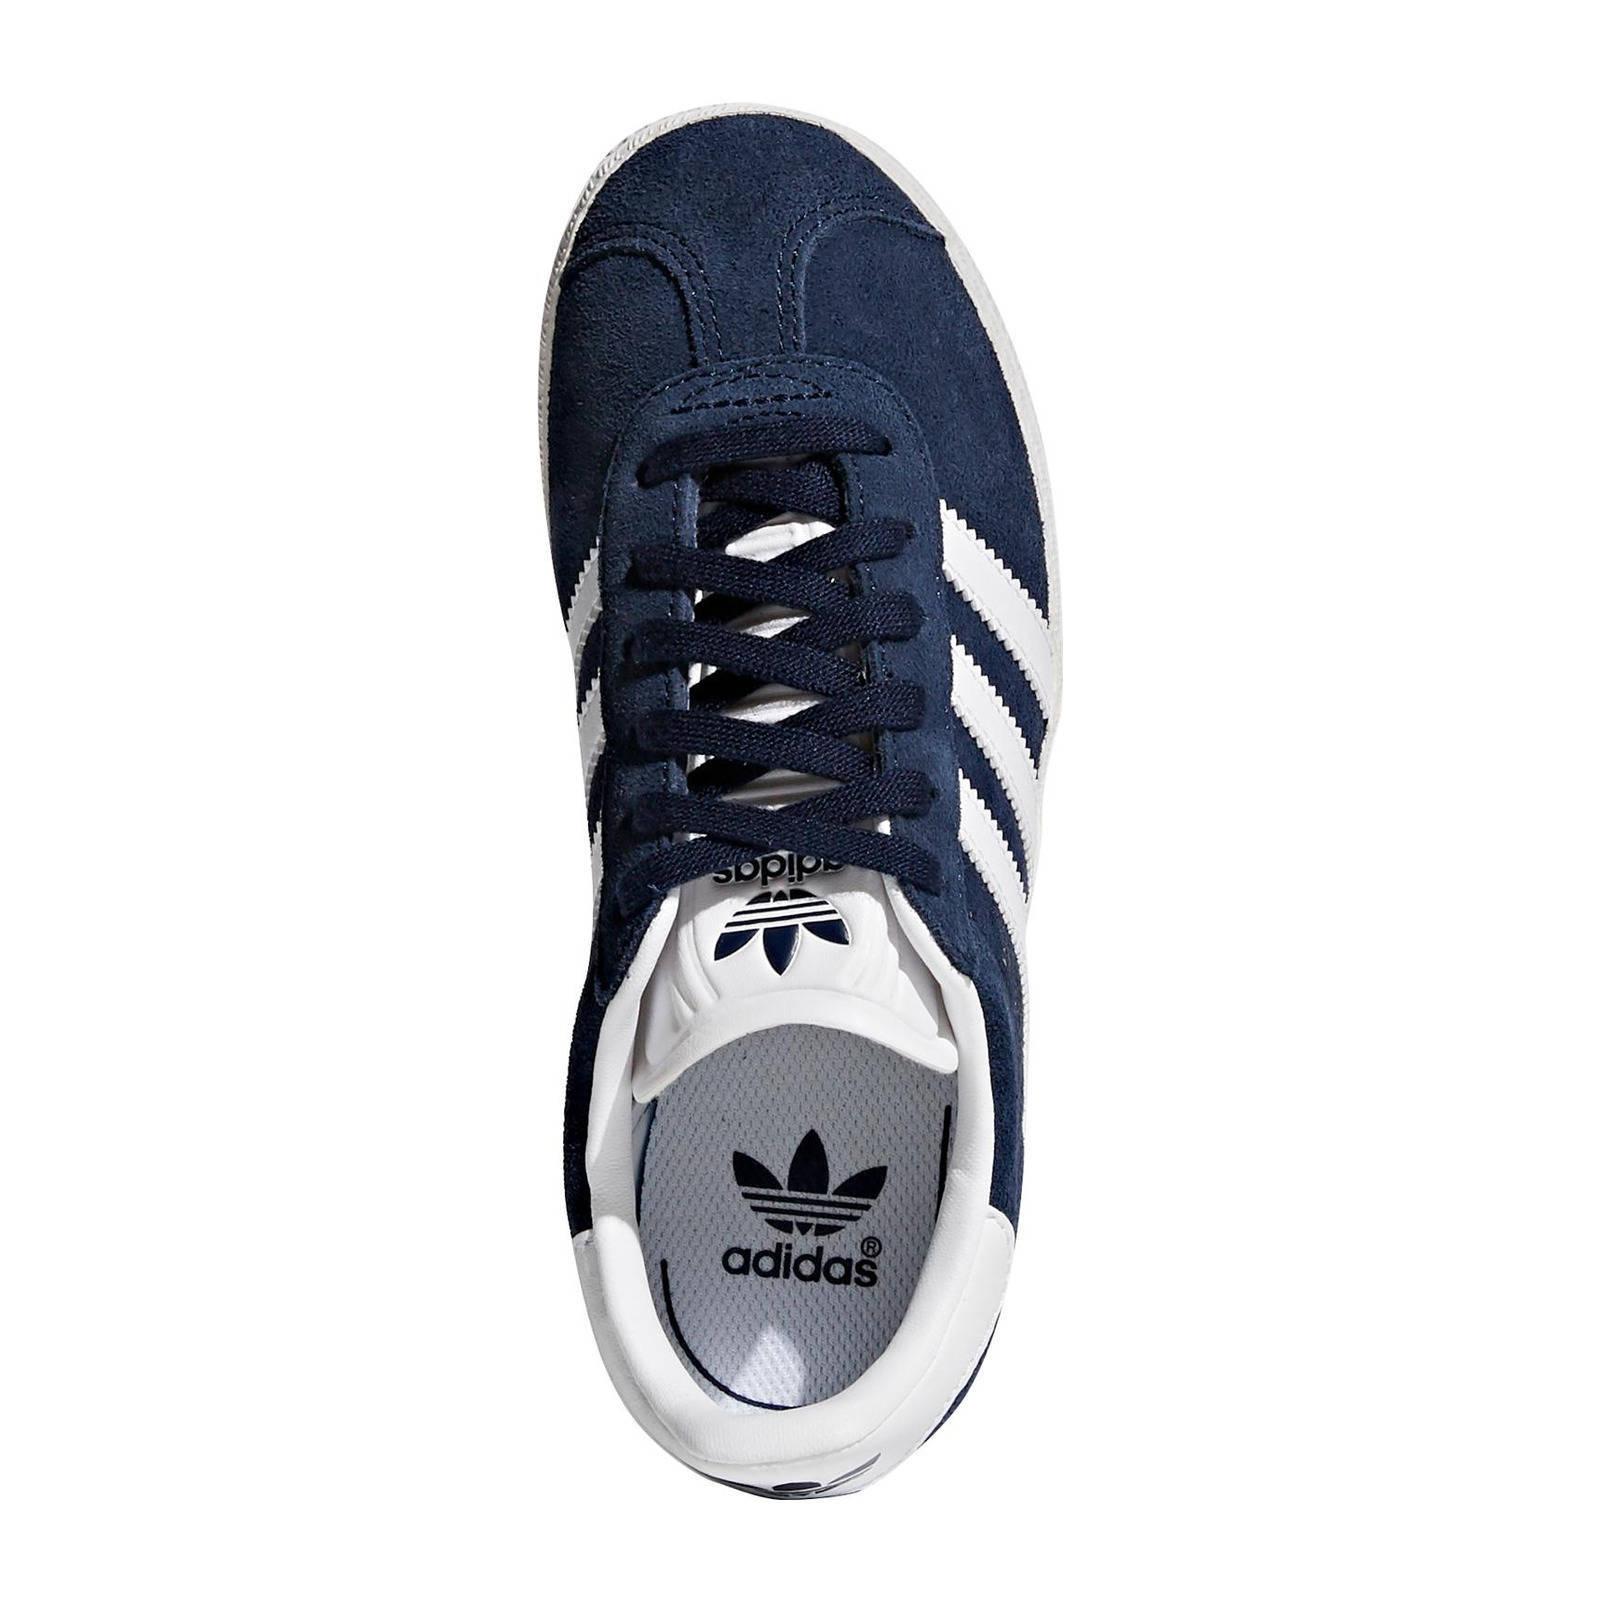 originals Gazelle sneakers